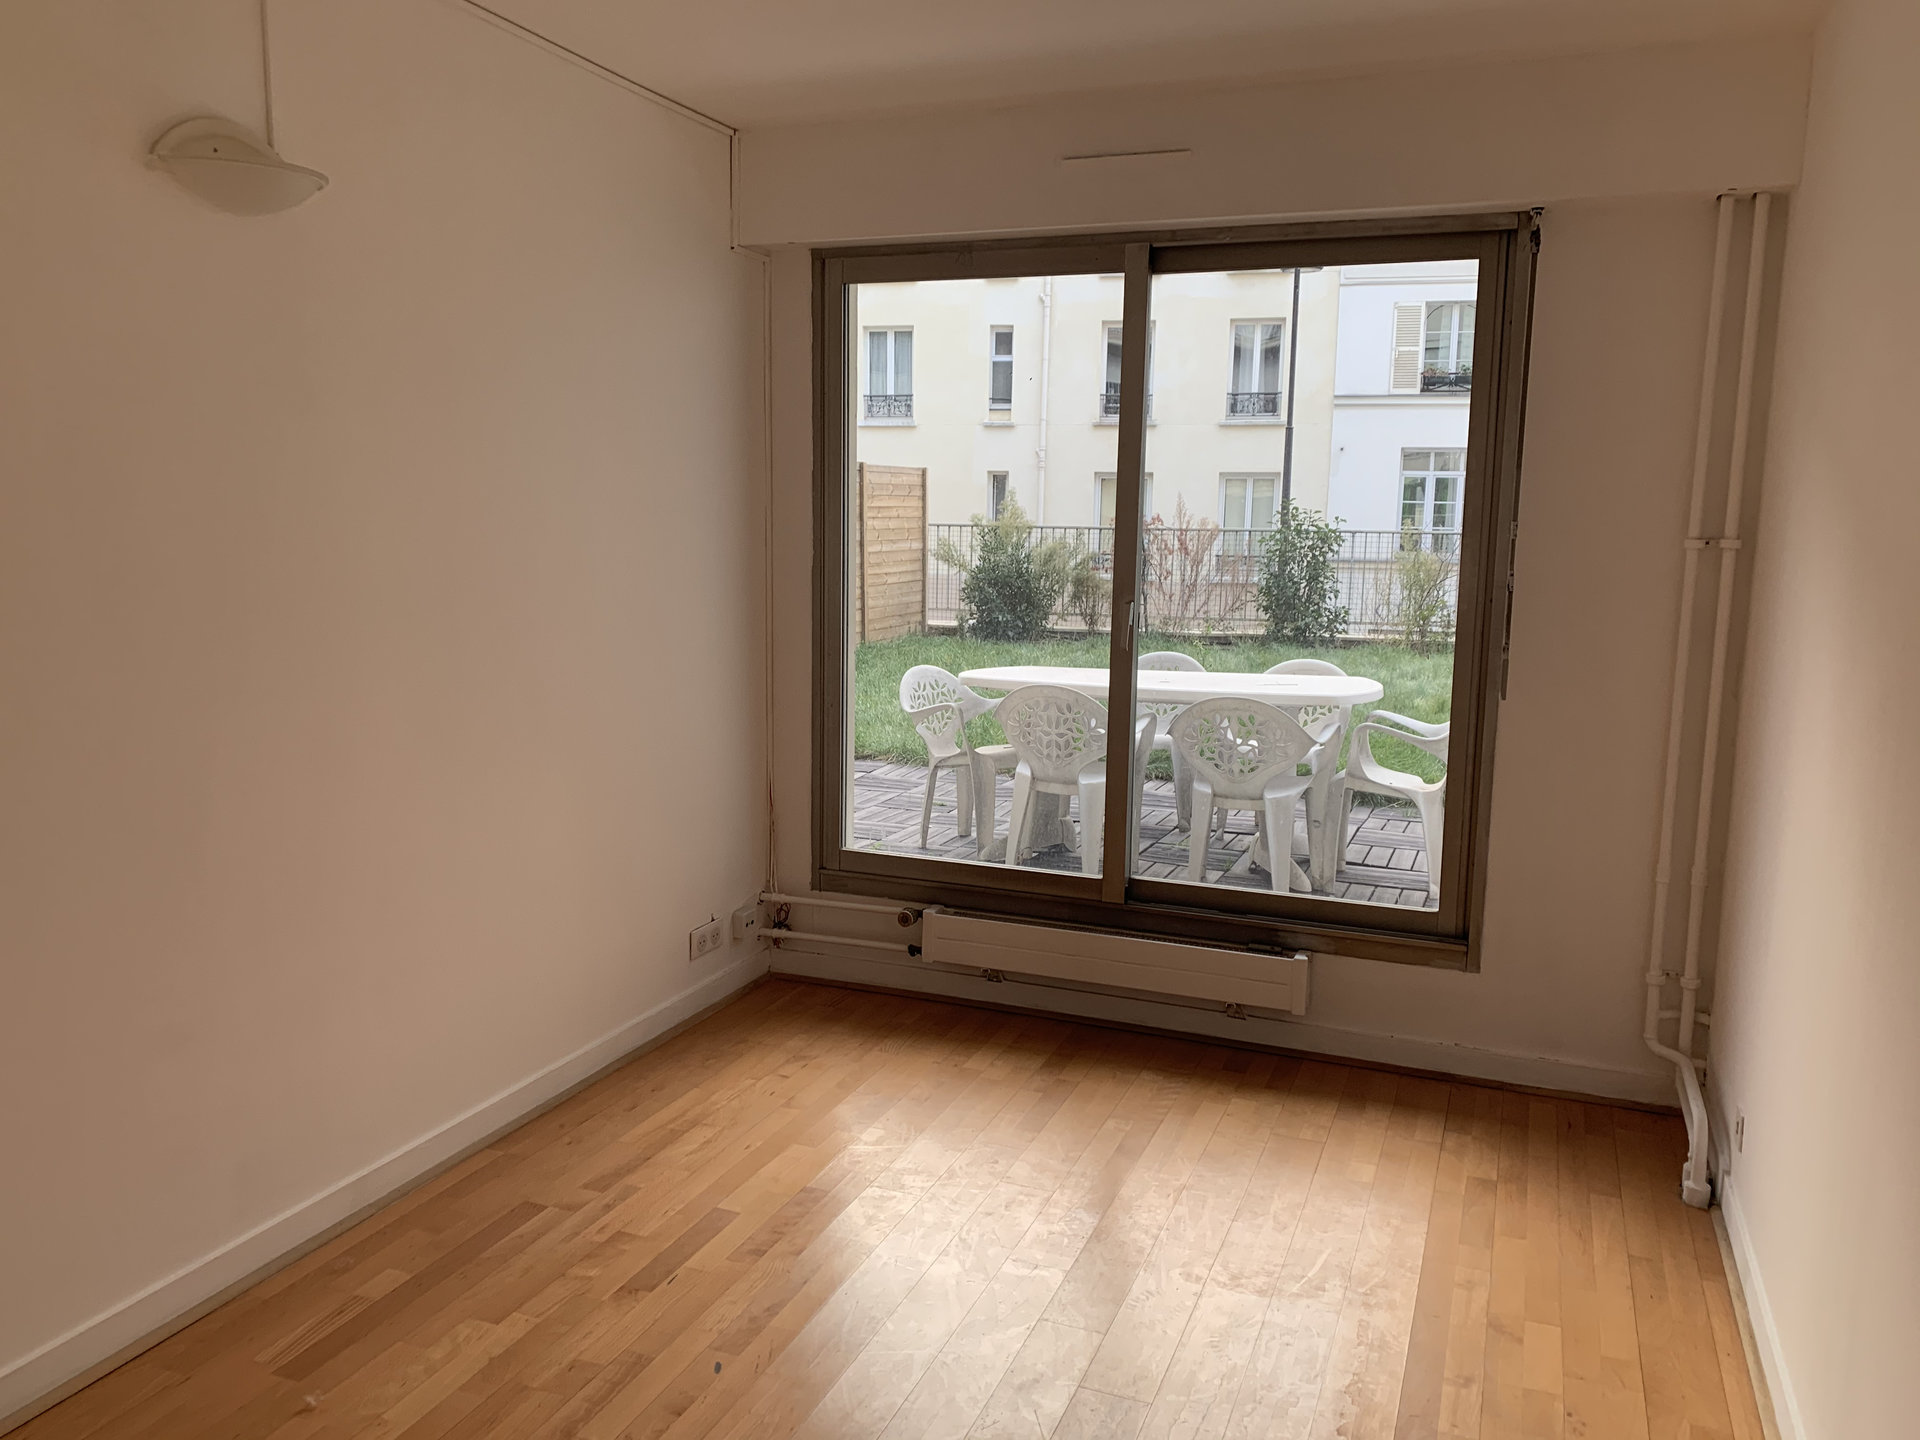 Paris - XI ème - SQUARE JULES VERNE - 3 Pièces - 2 chambres - TERRASSE / JARDIN - SOLEIL - CALME - CADRE VERDOYANT - PARKING COMPRIS - À RÉNOVER ENTIÈREMENT